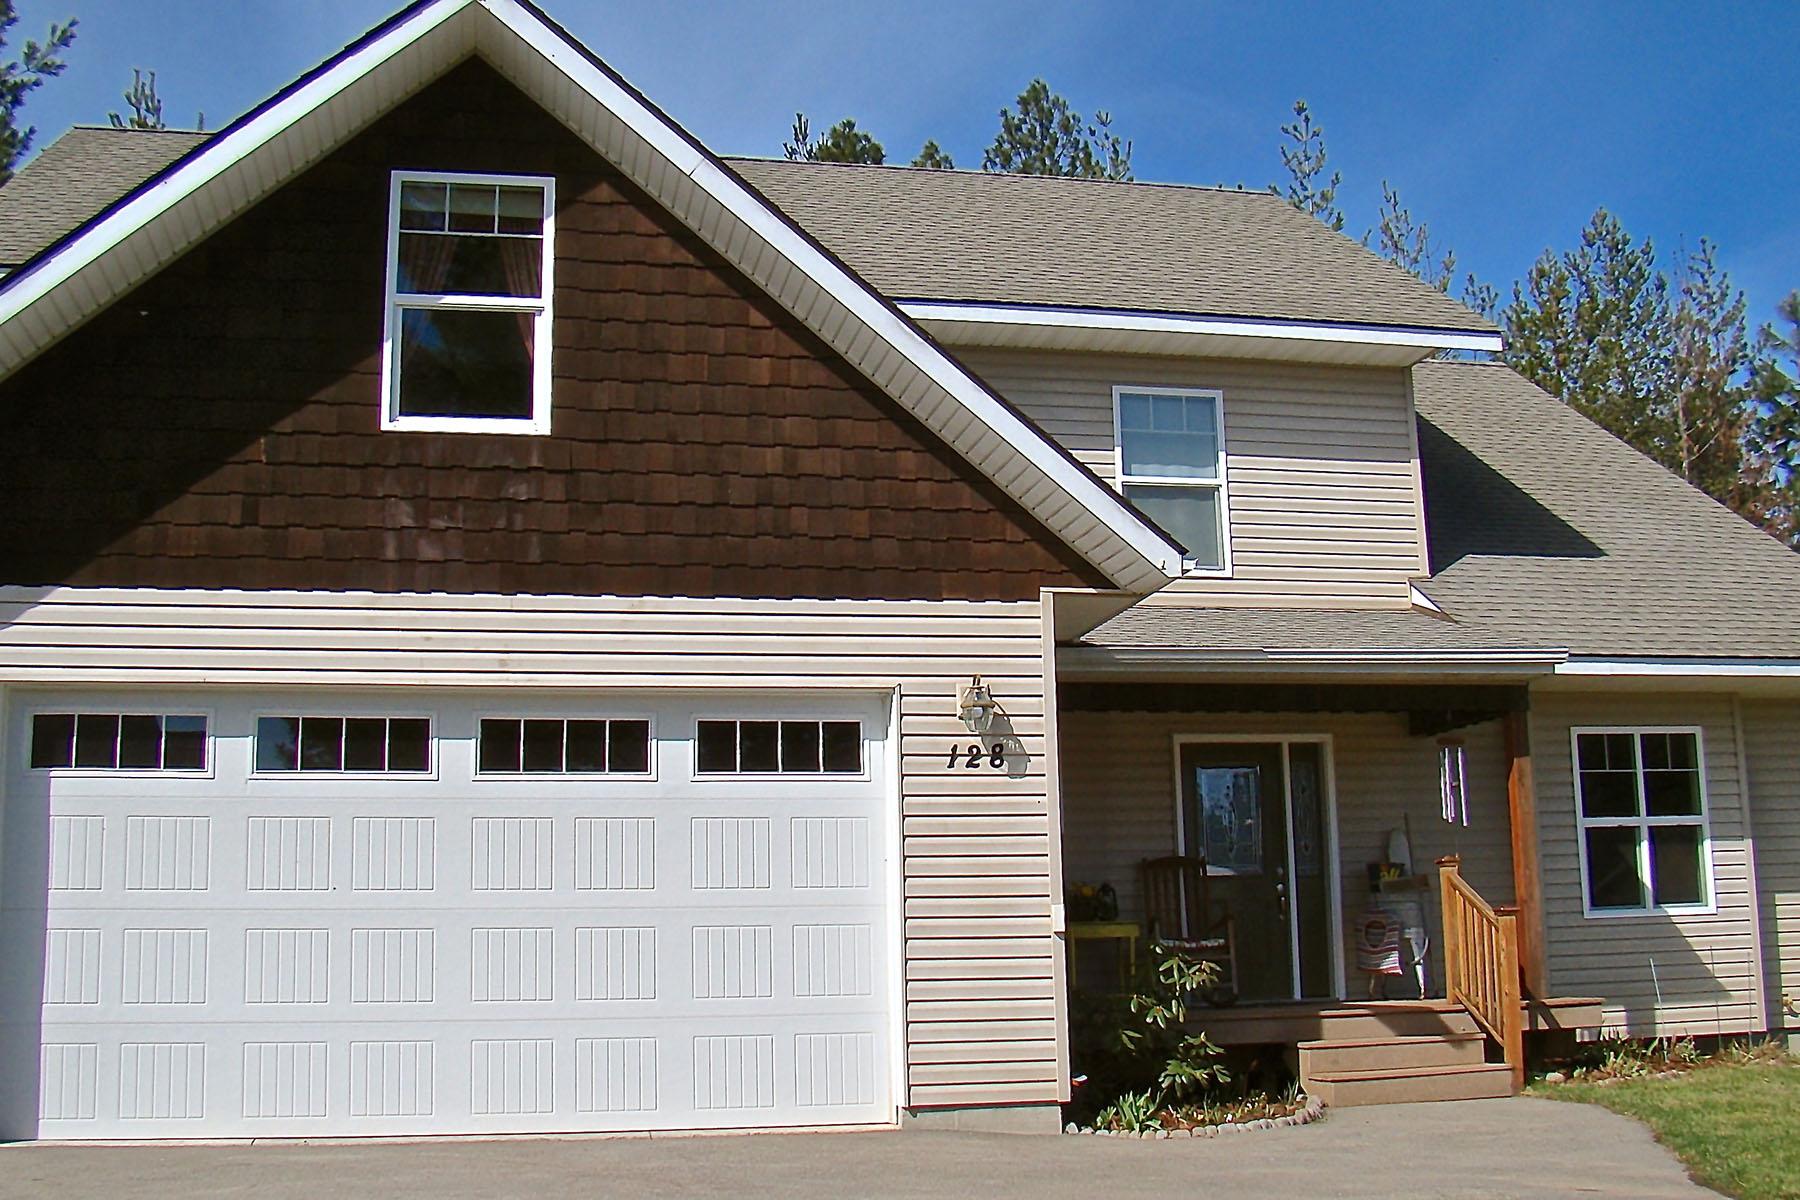 Vivienda unifamiliar por un Venta en Spacious Comfortable Home Great Location! 128 Rebecca's Way Kootenai, Idaho, 83840 Estados Unidos